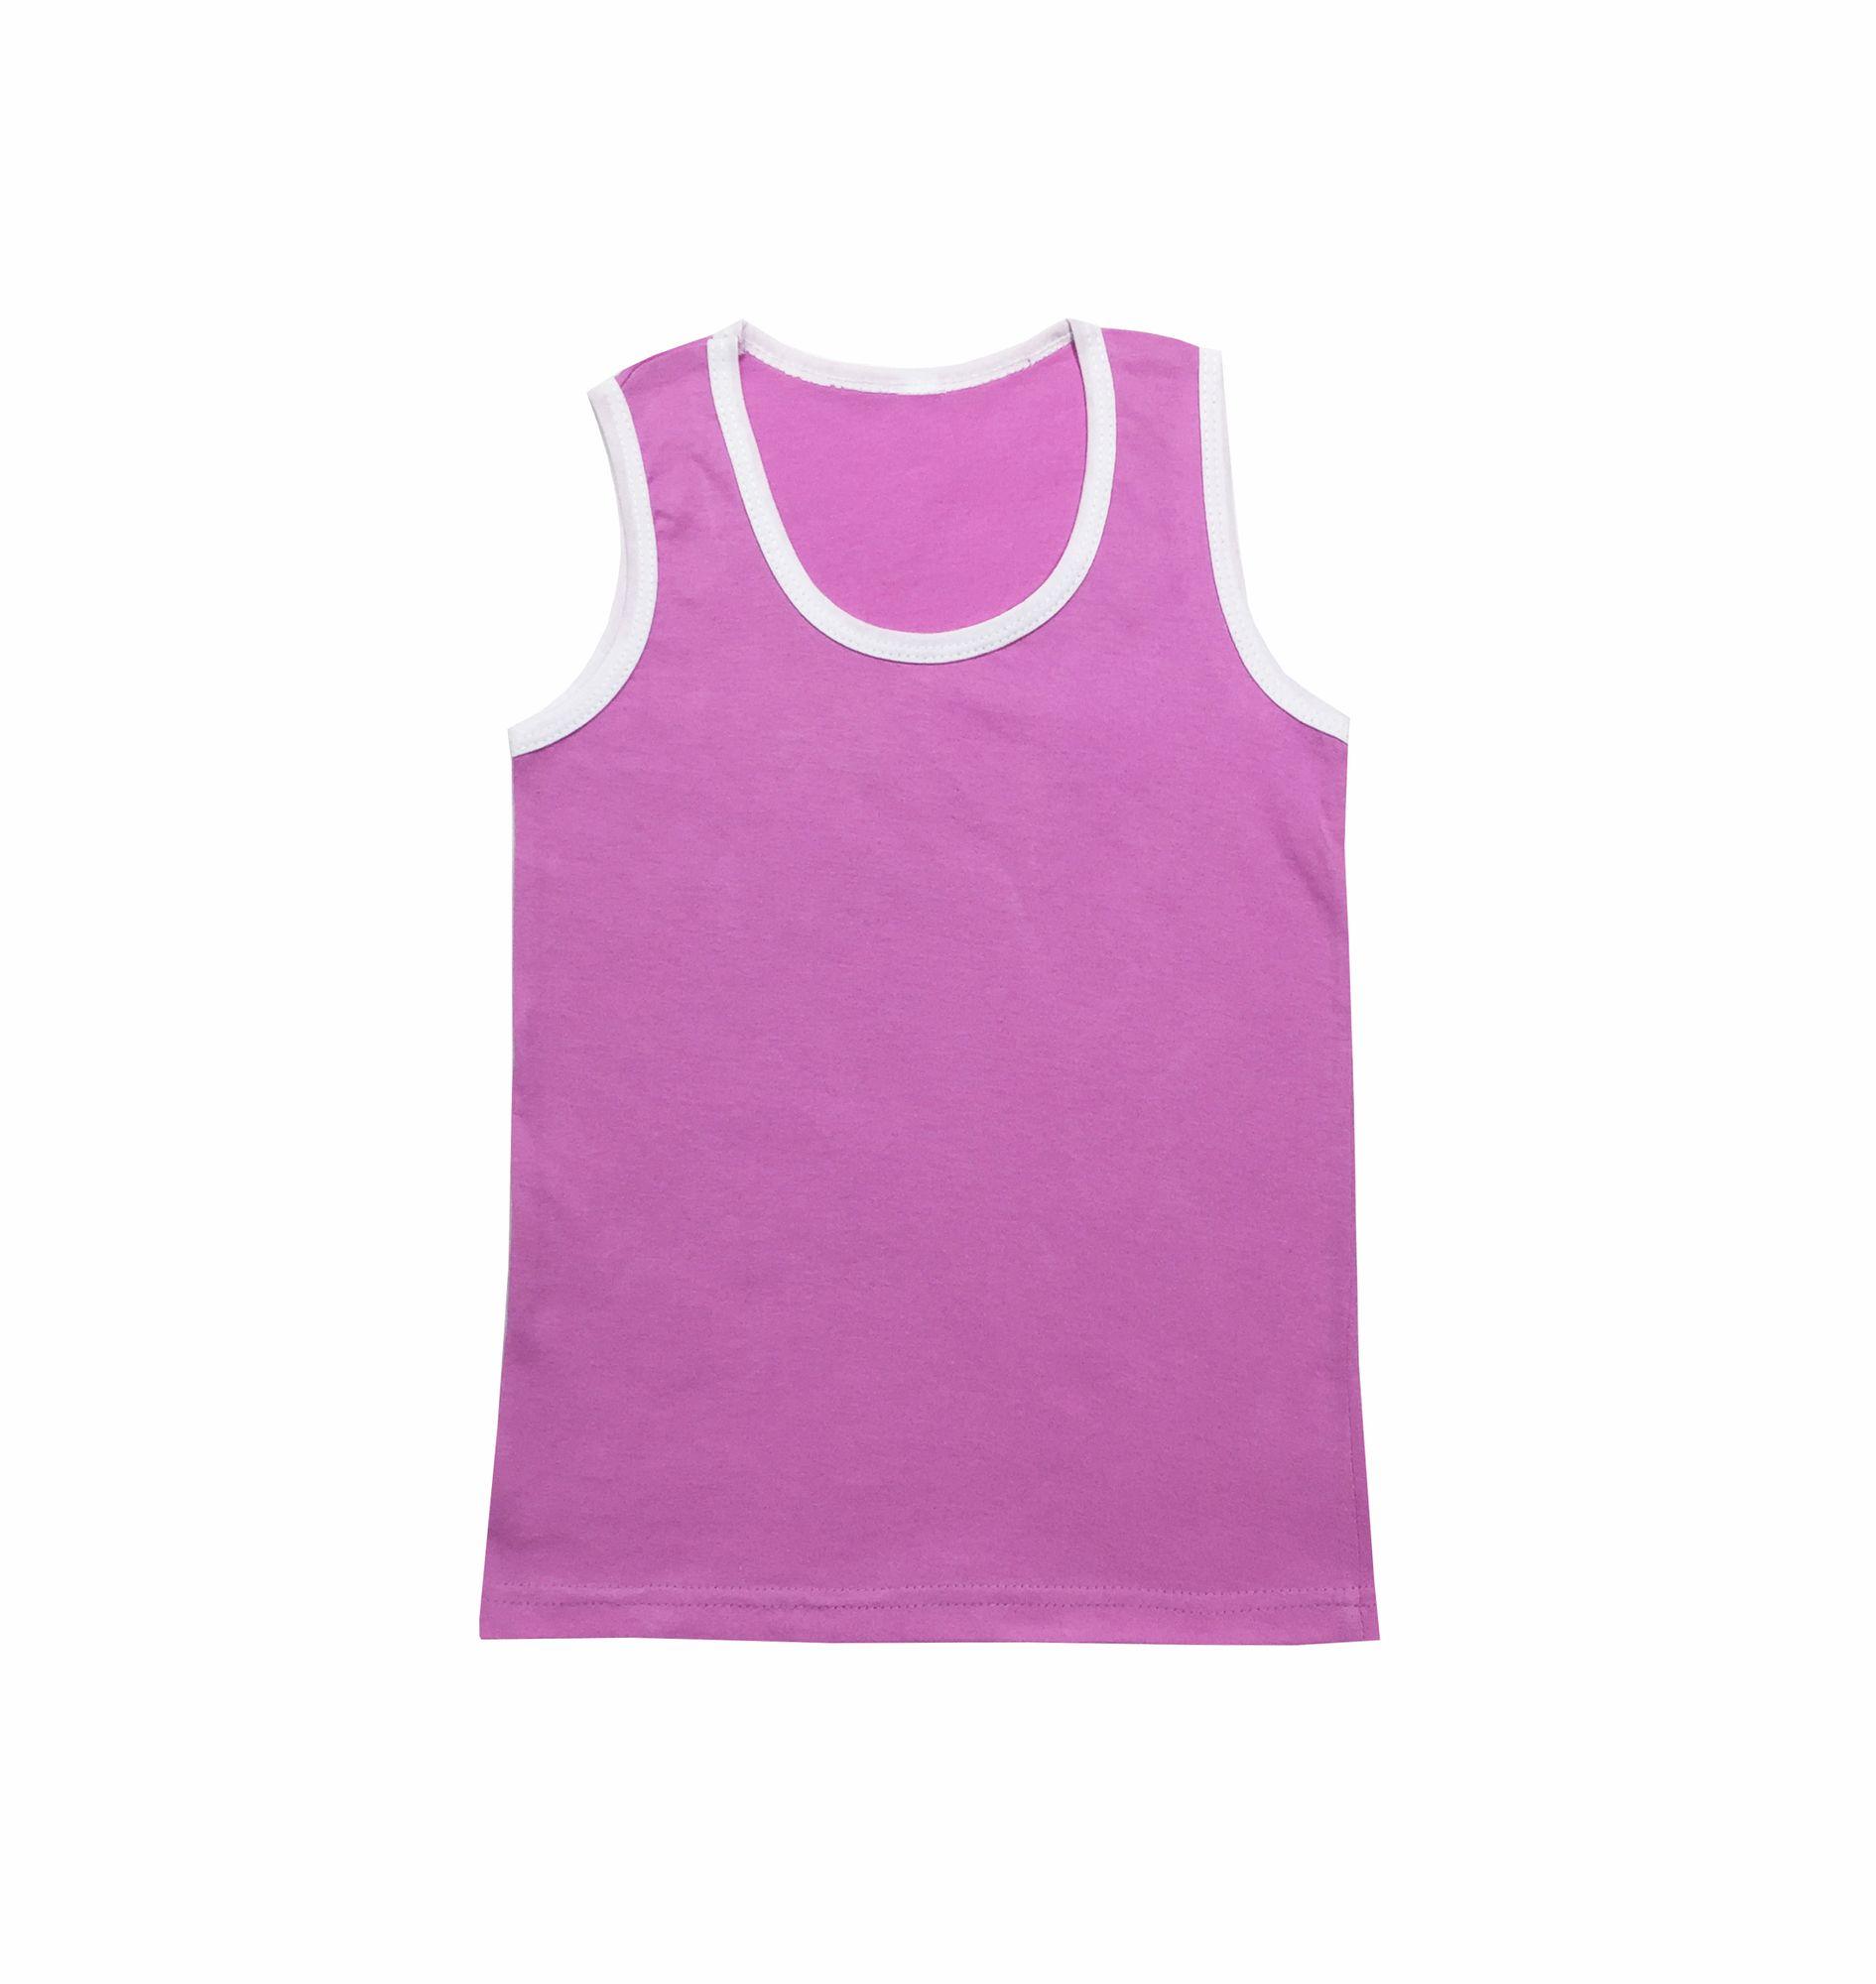 Майка для девочки, модель 323, трикотаж (Розовый)